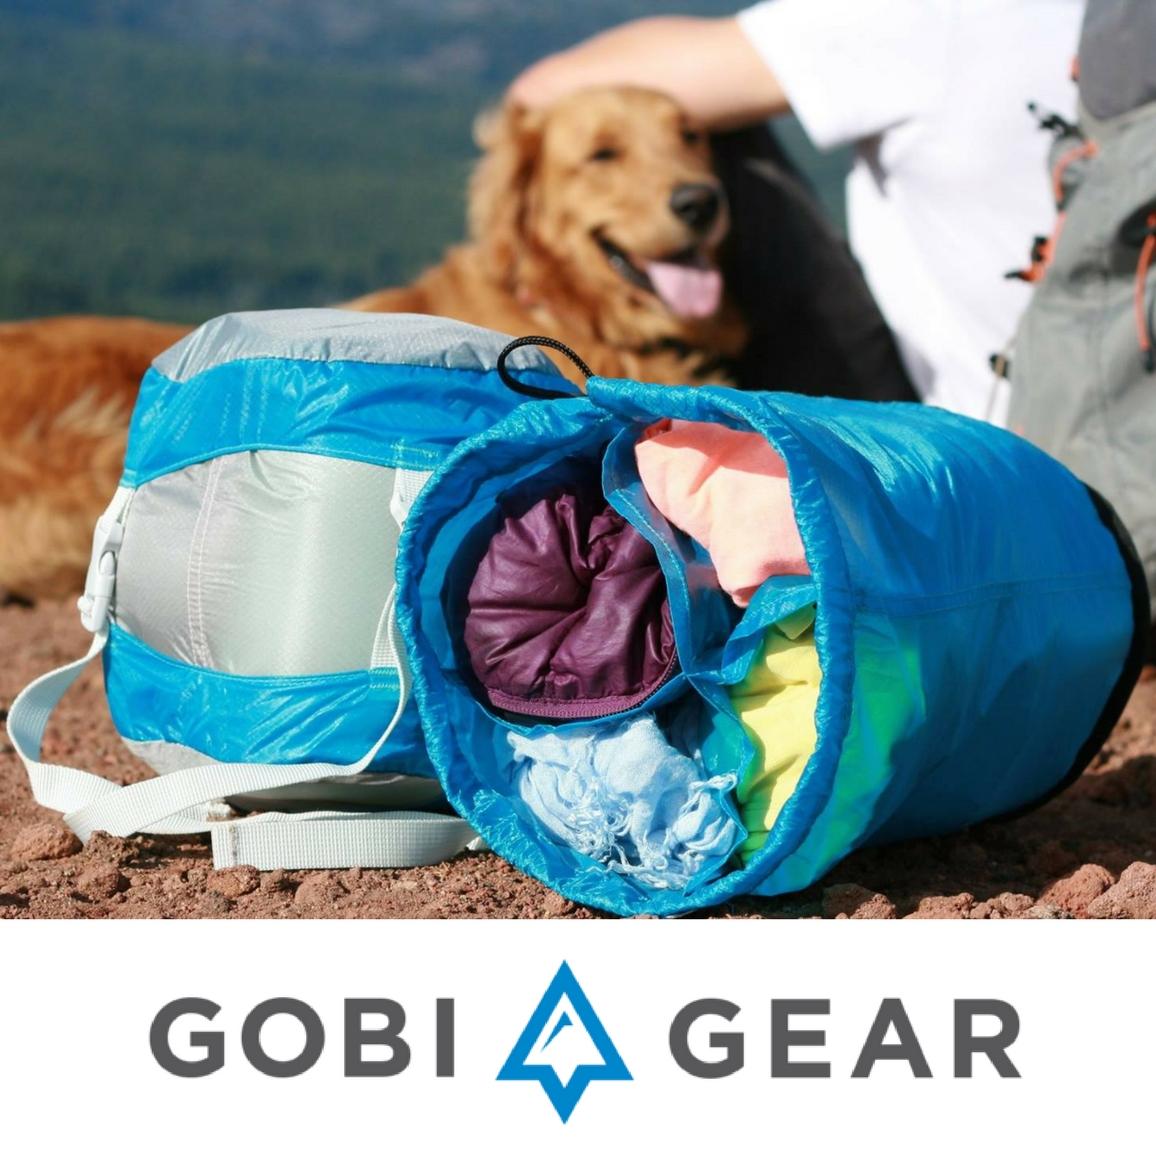 Gobi Gear Brand Image.jpg